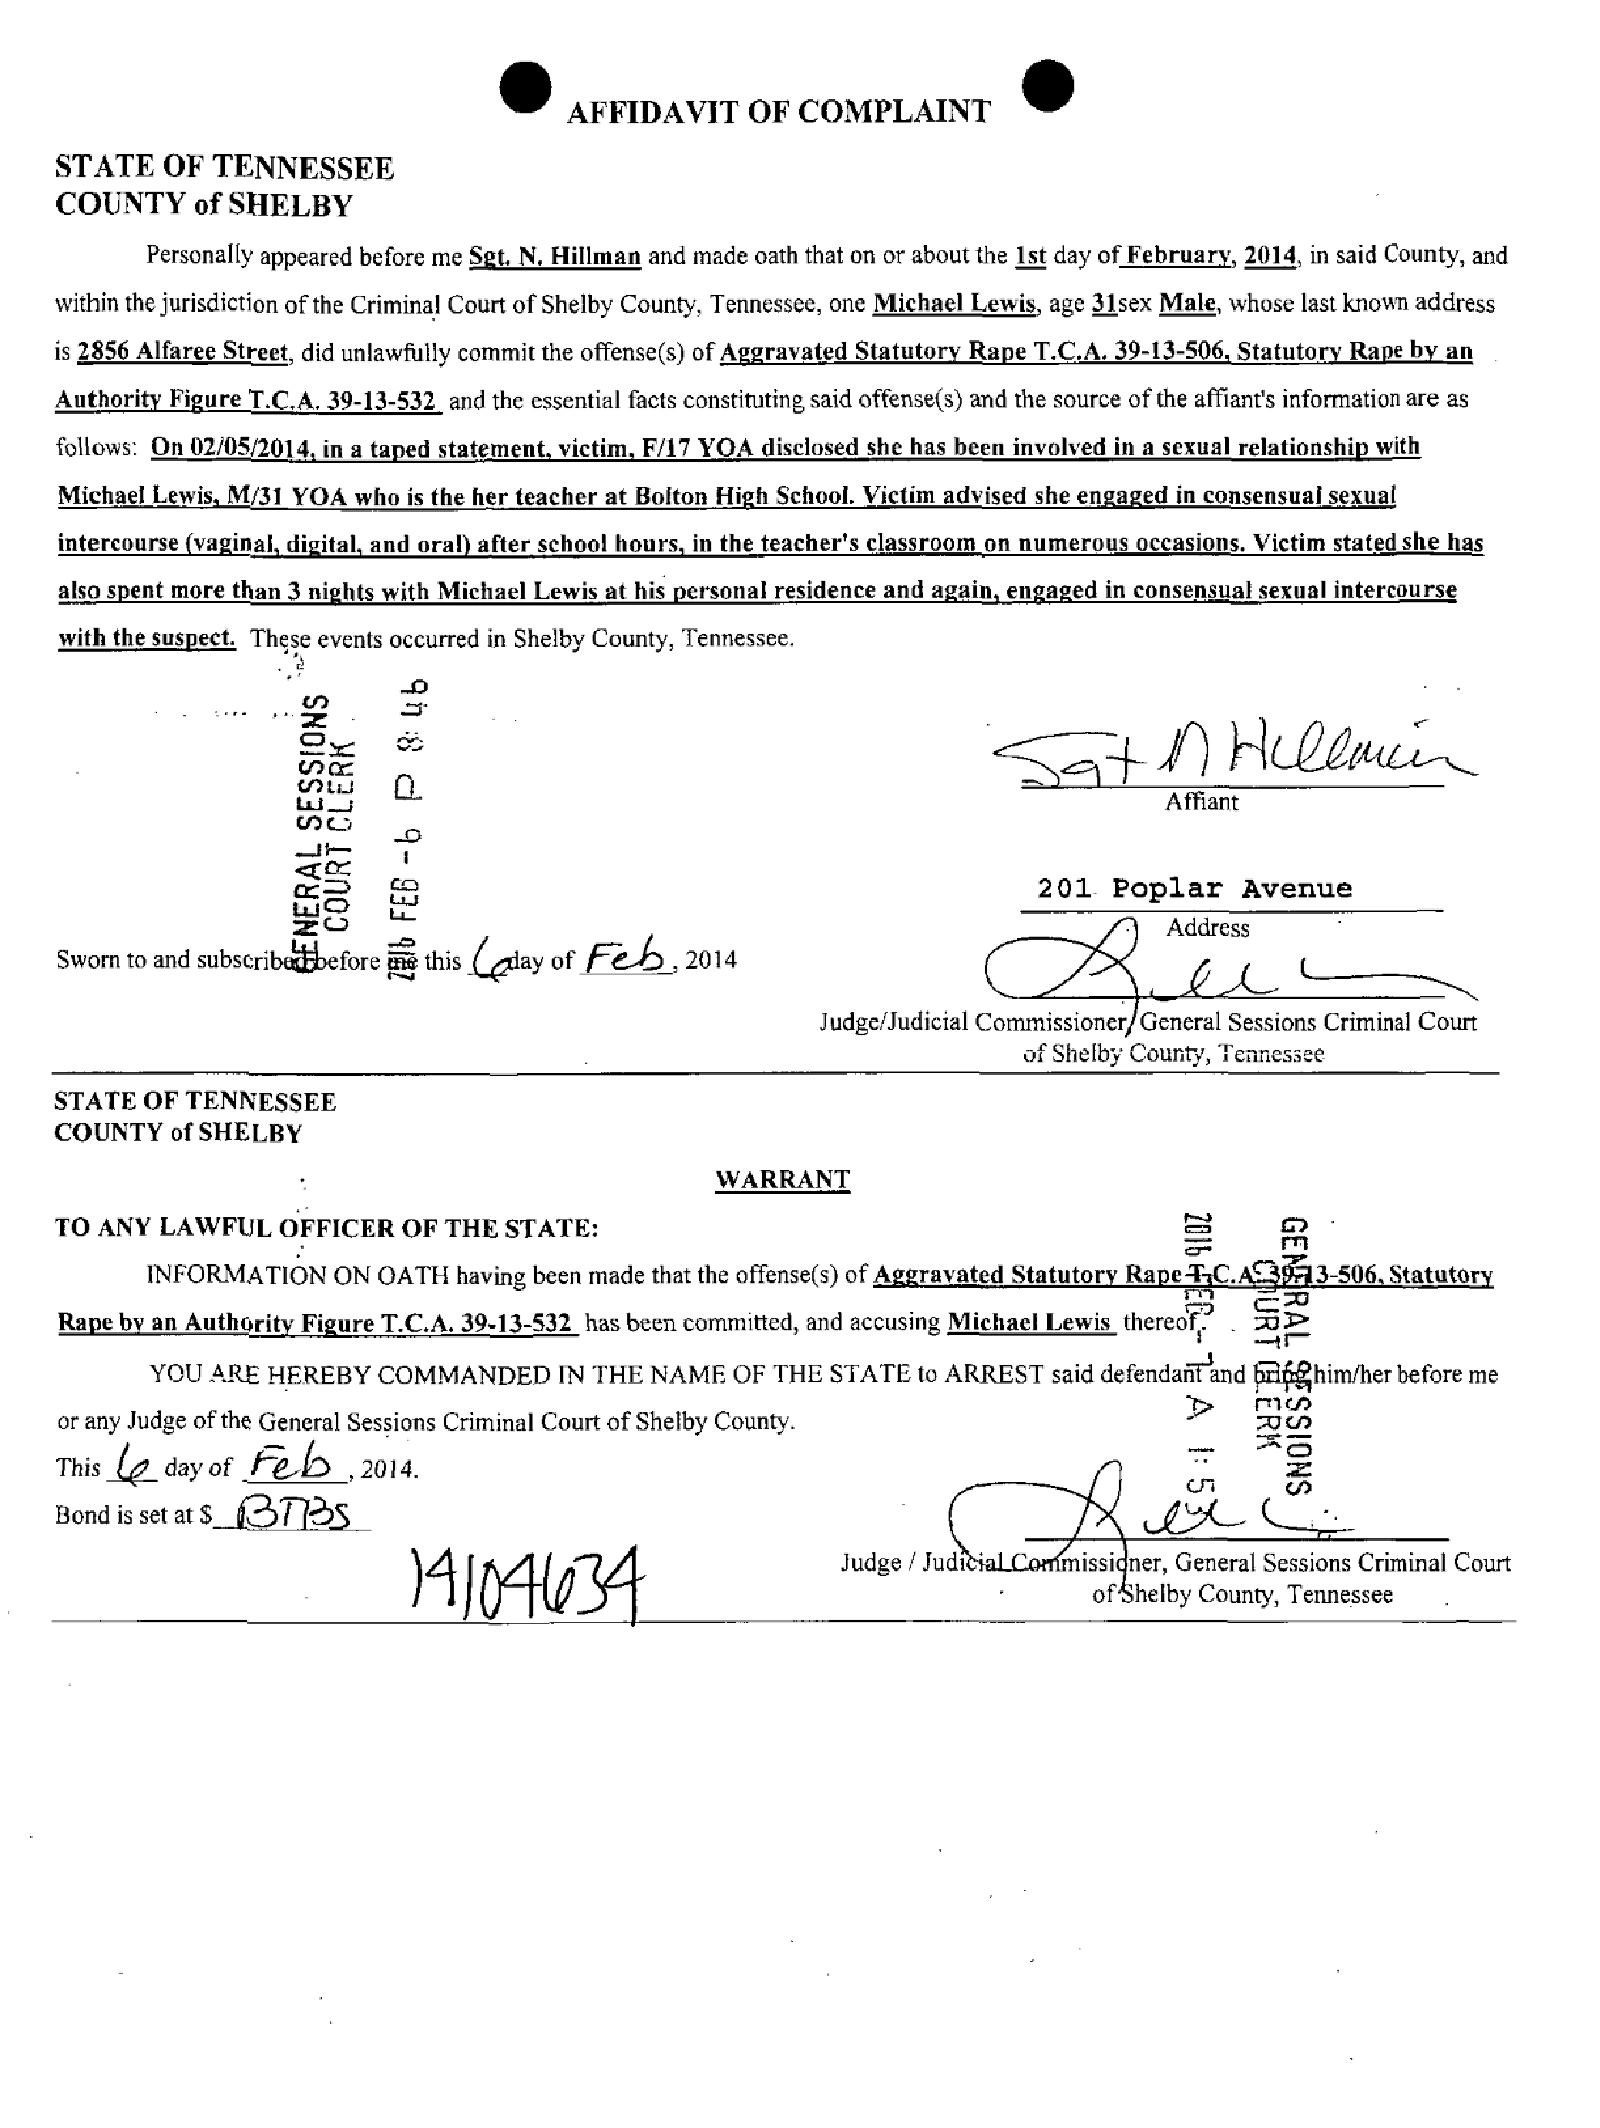 Lewis Michael Affidavit of Complaint.png